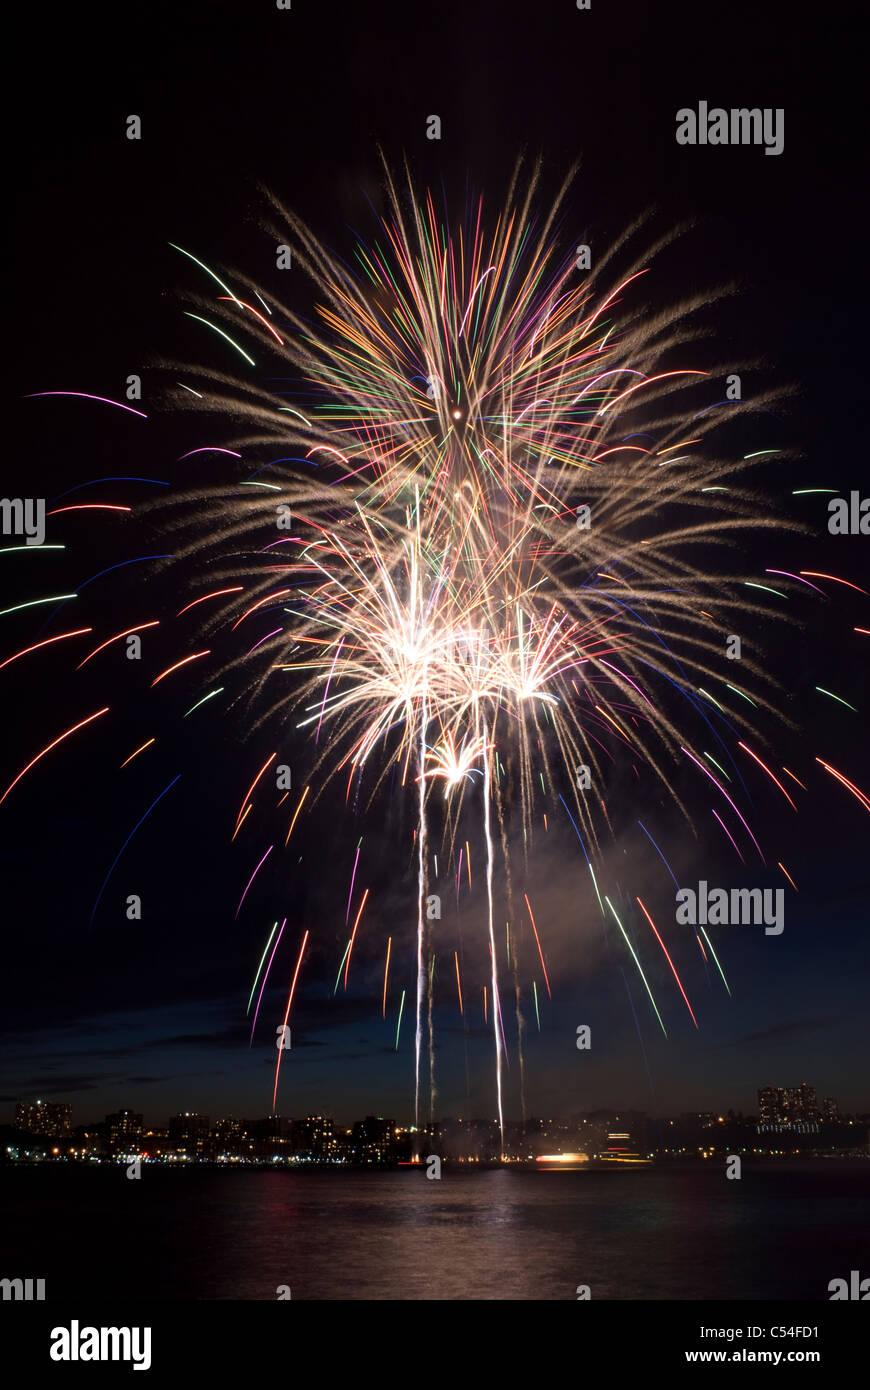 Spettacolare la cattura di Macy's luglio 4th, 2011 mostra fuochi d'artificio sul fiume Hudson in New York Immagini Stock